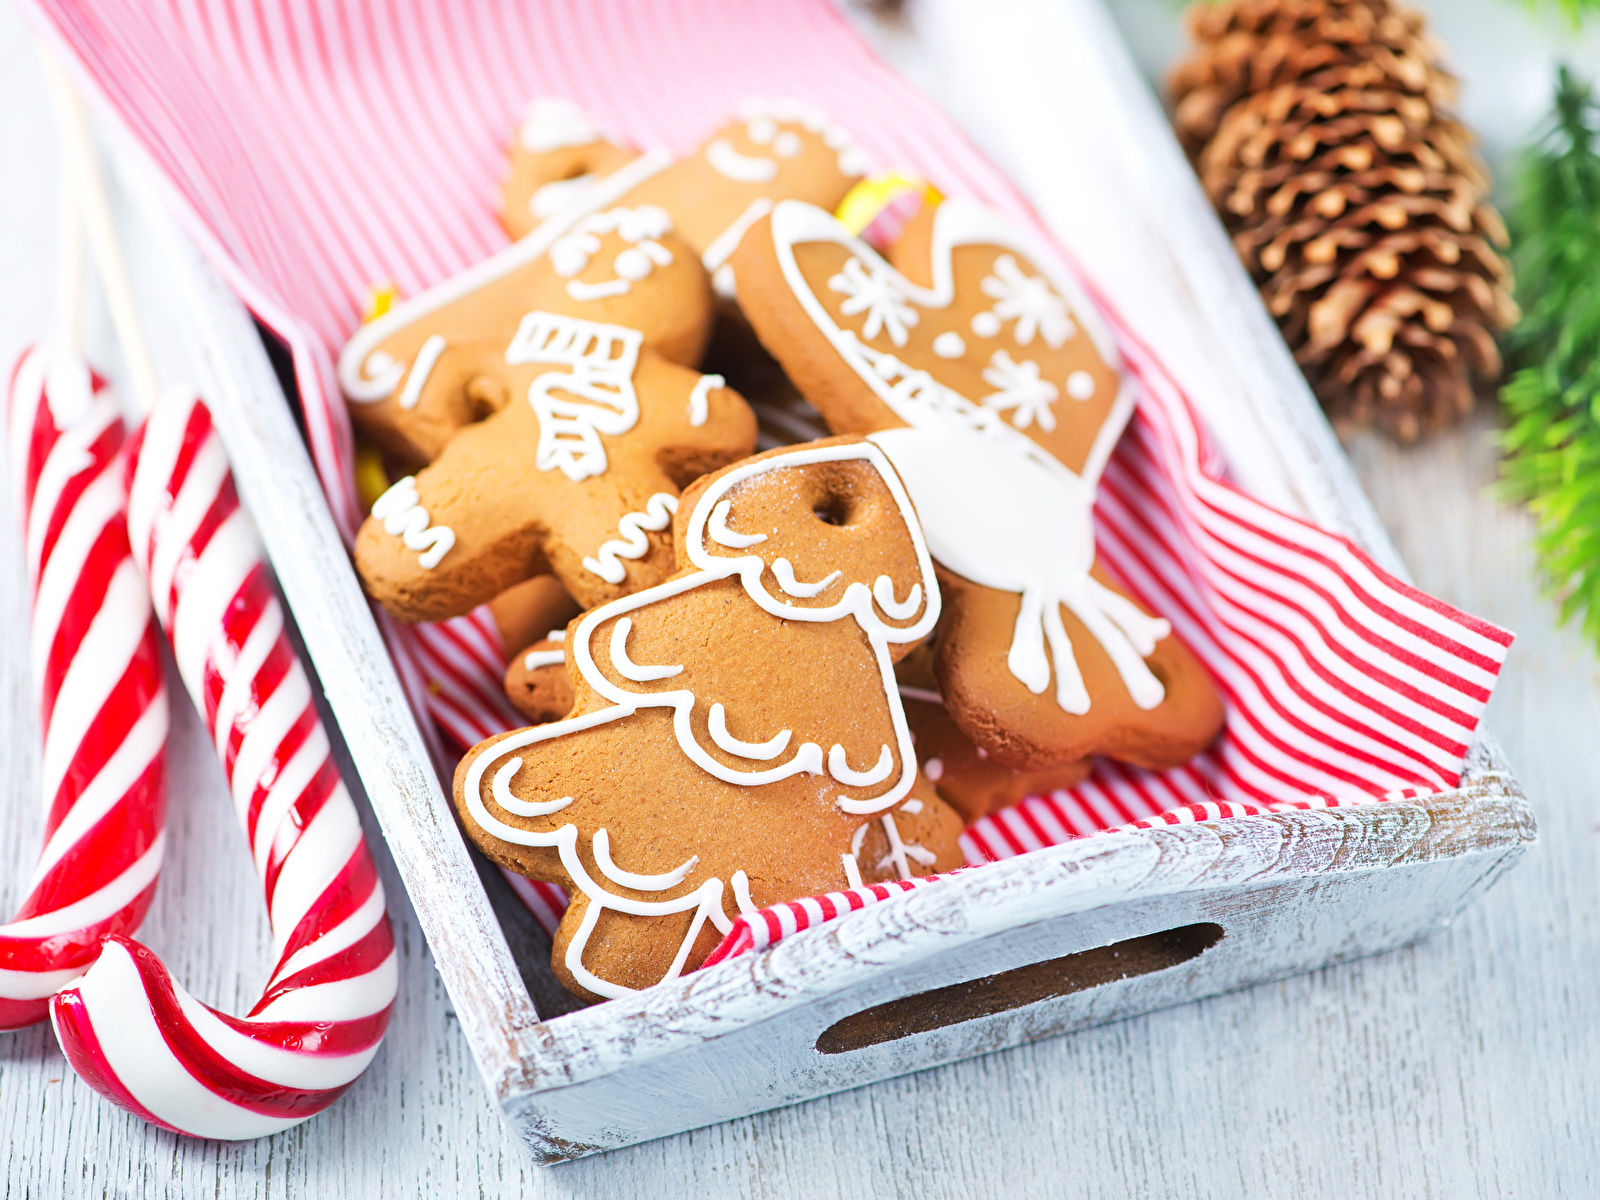 Картинки Рождество Еда Печенье сладкая еда дизайна 1600x1200 Новый год Пища Продукты питания Сладости Дизайн